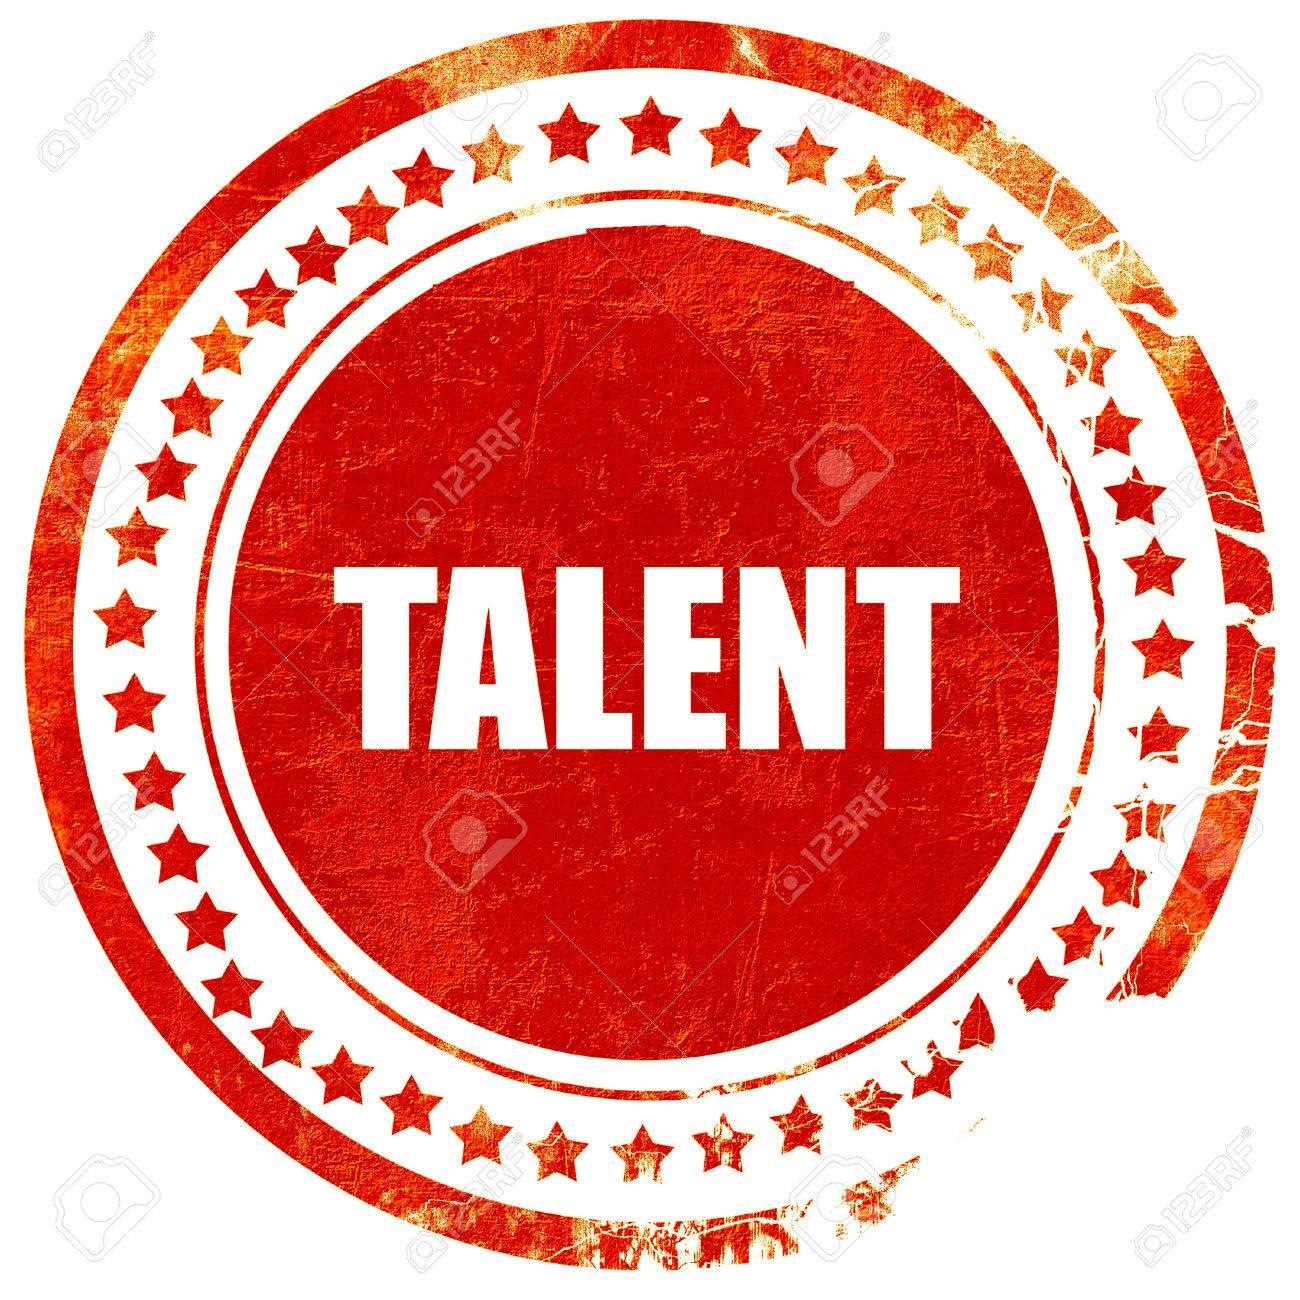 Talento Aislado Sello De Goma De Color Rojo Sobre Un Fondo Blanco Solido